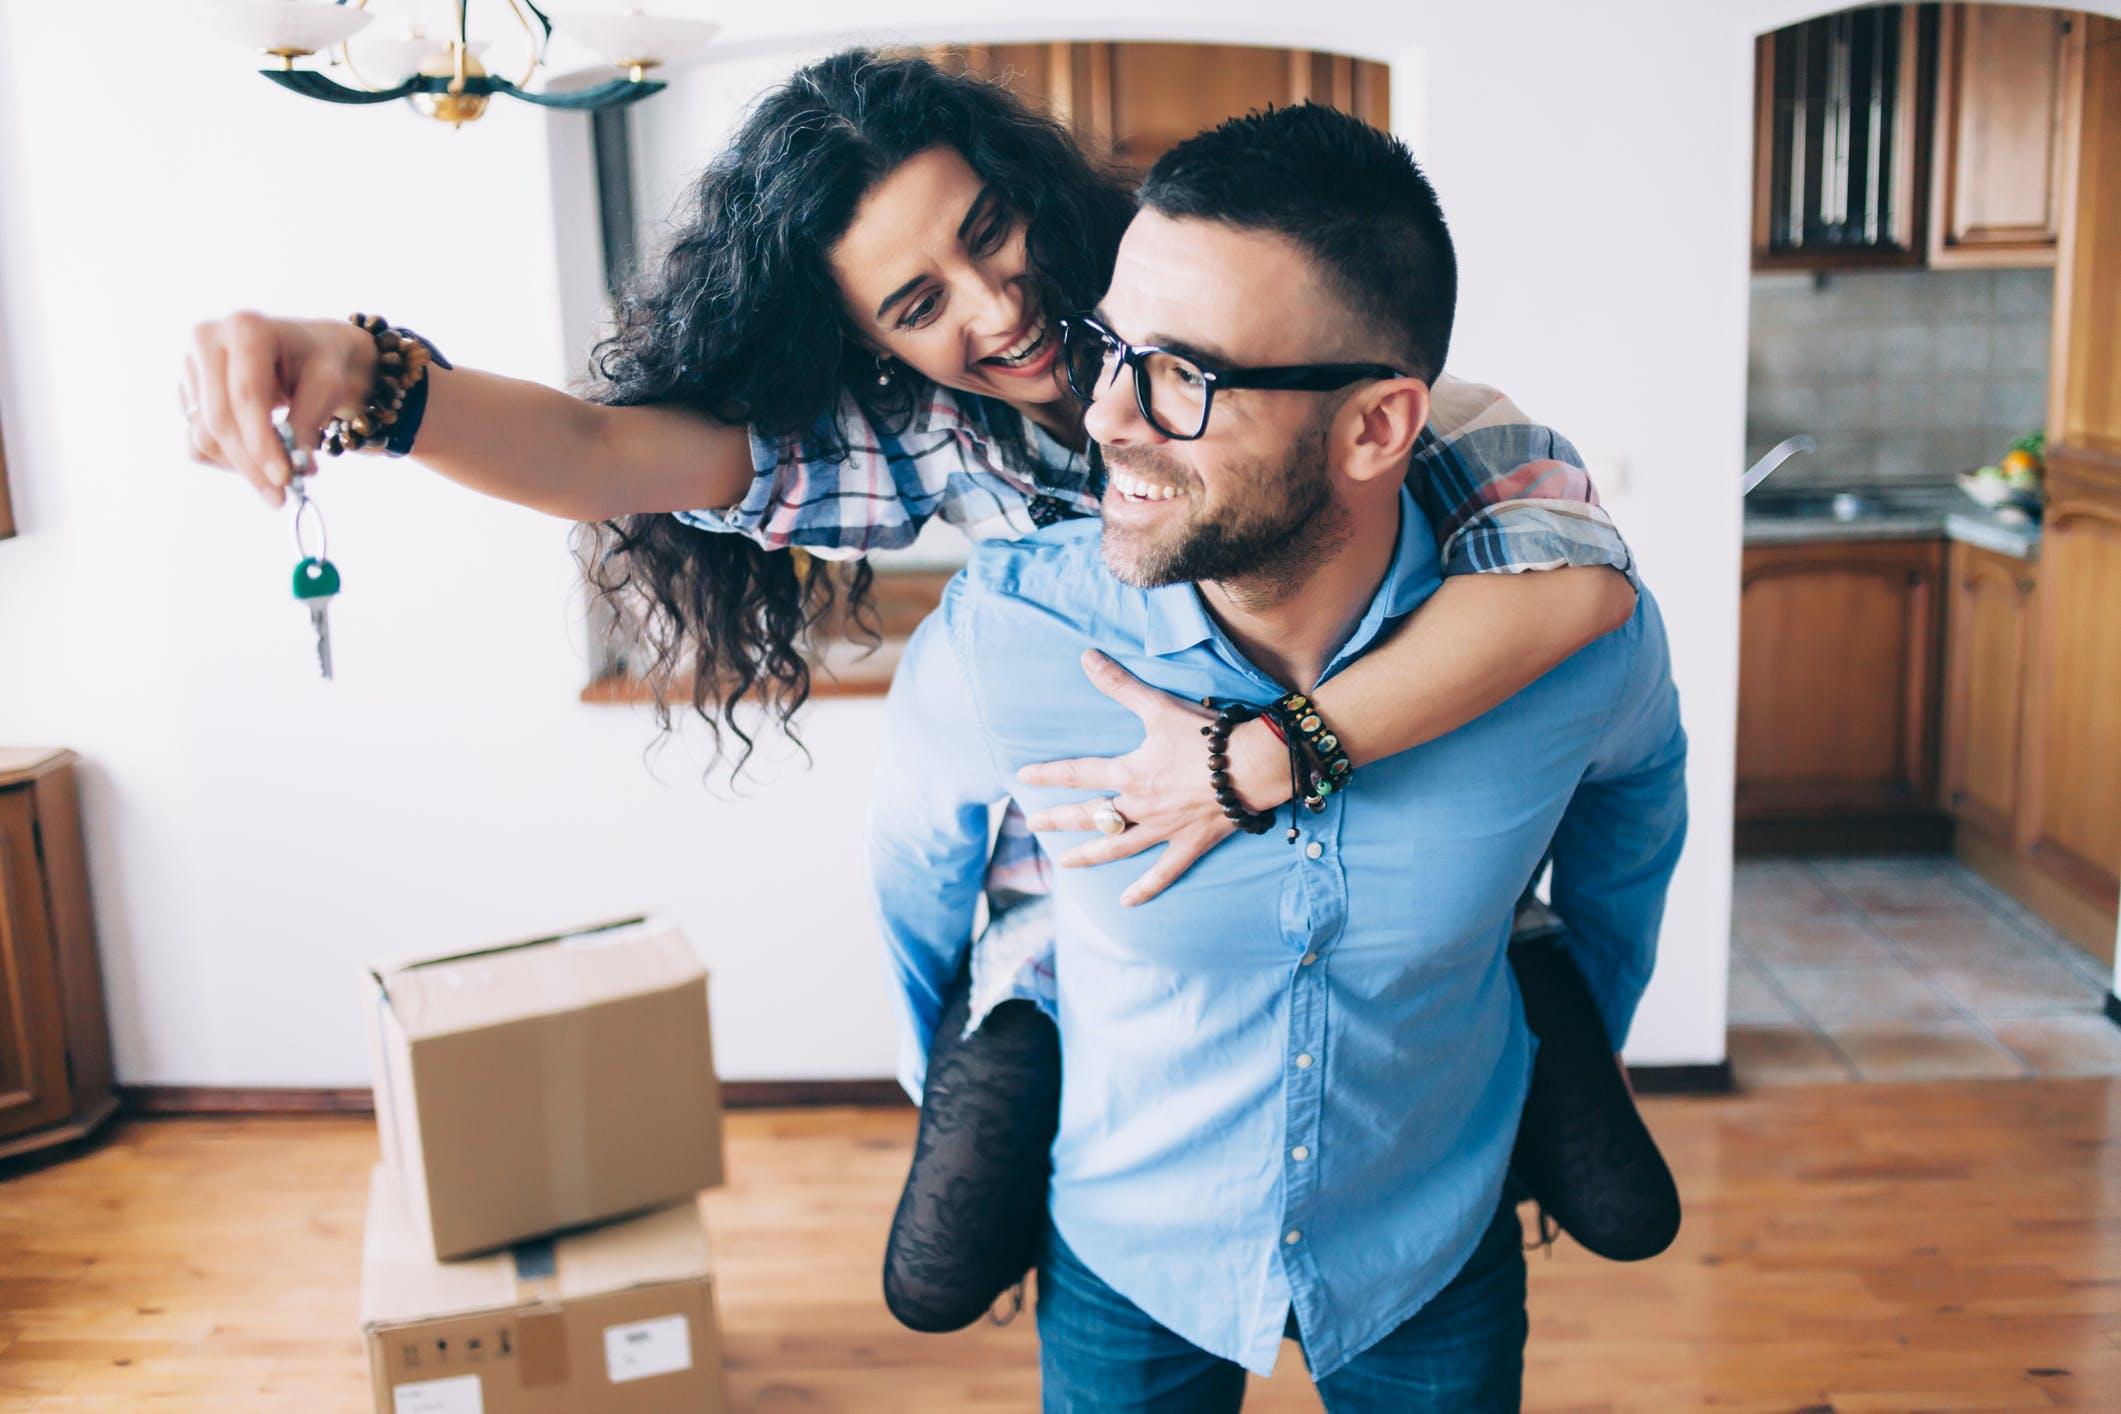 Jak wynająć mieszkanie i nie żałować? Poradnik przyszłego najemcy